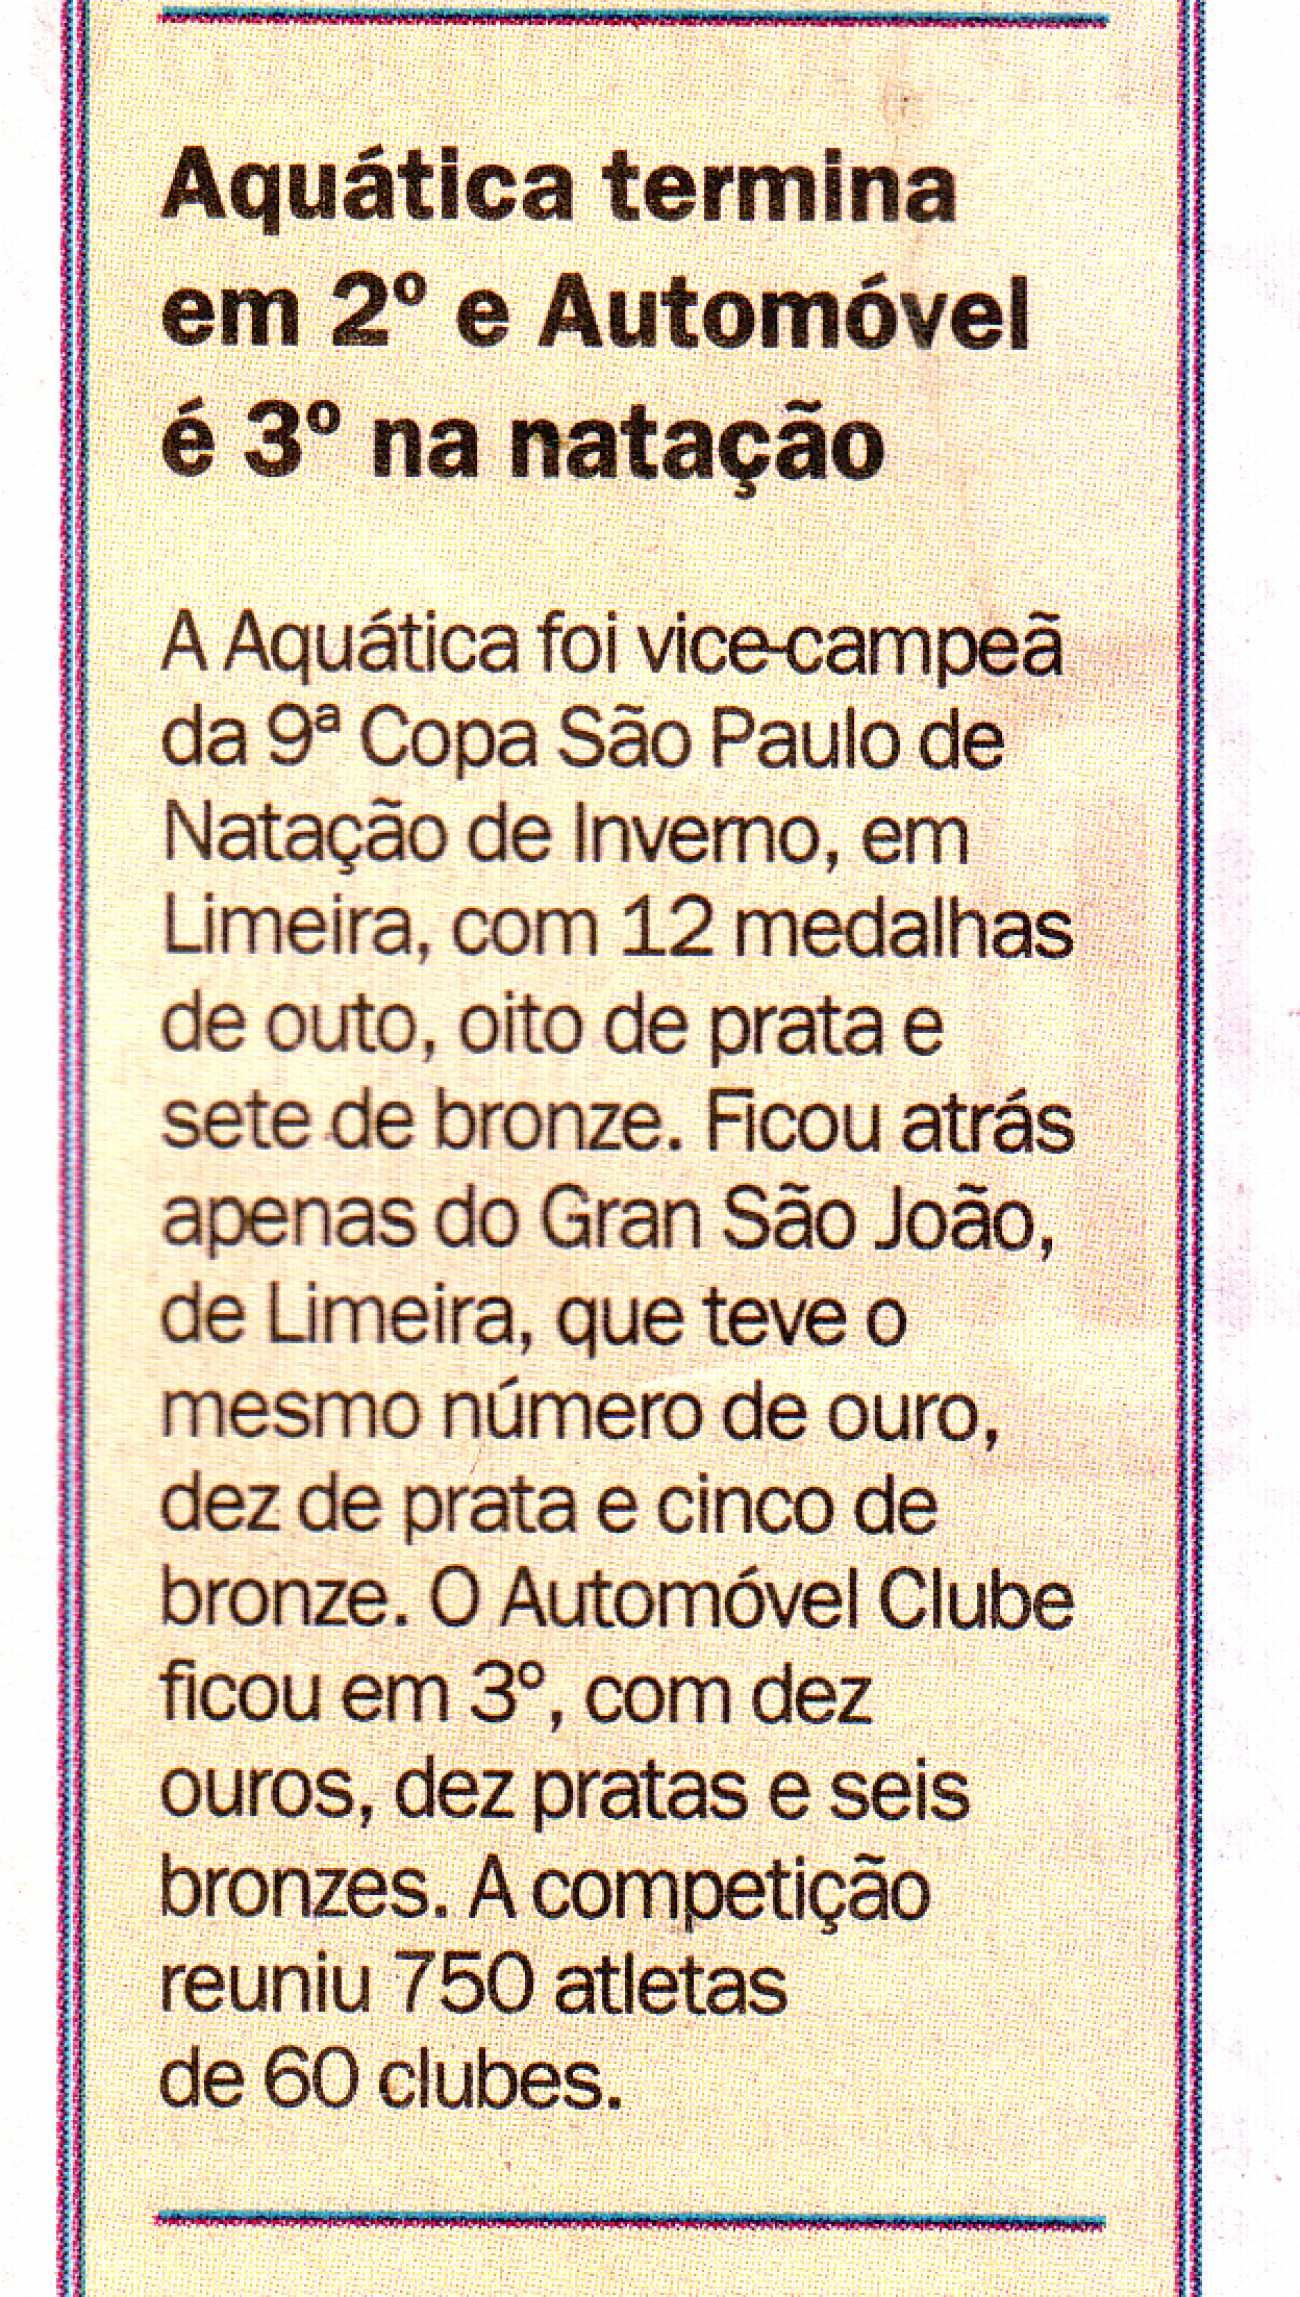 Caderno Esportes - Diário da Região - 09/06/2015